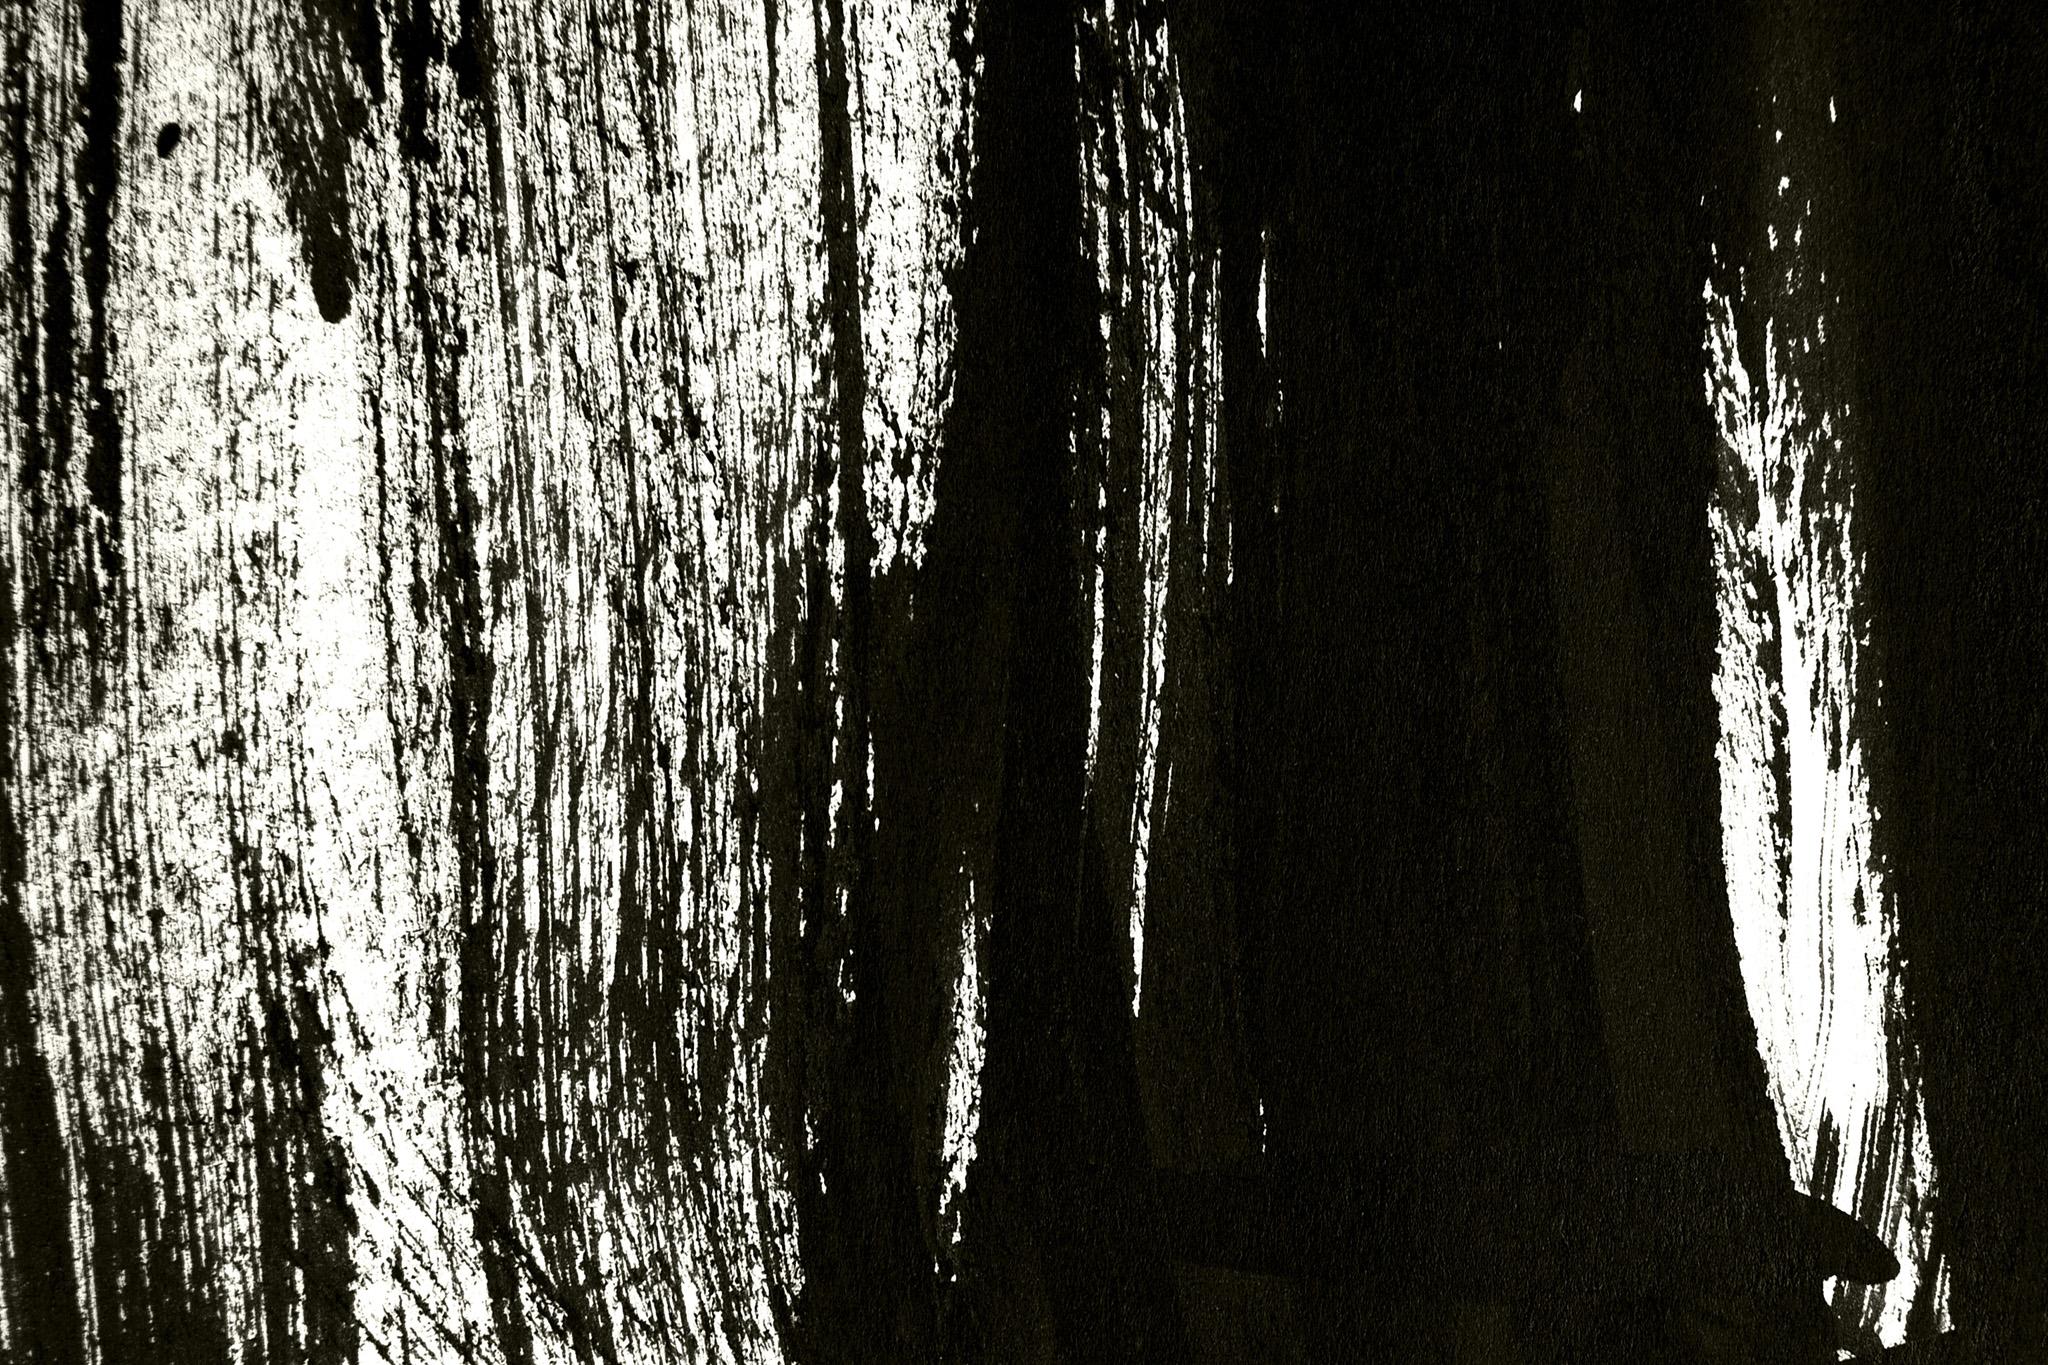 「黒と白が掠れた背景」